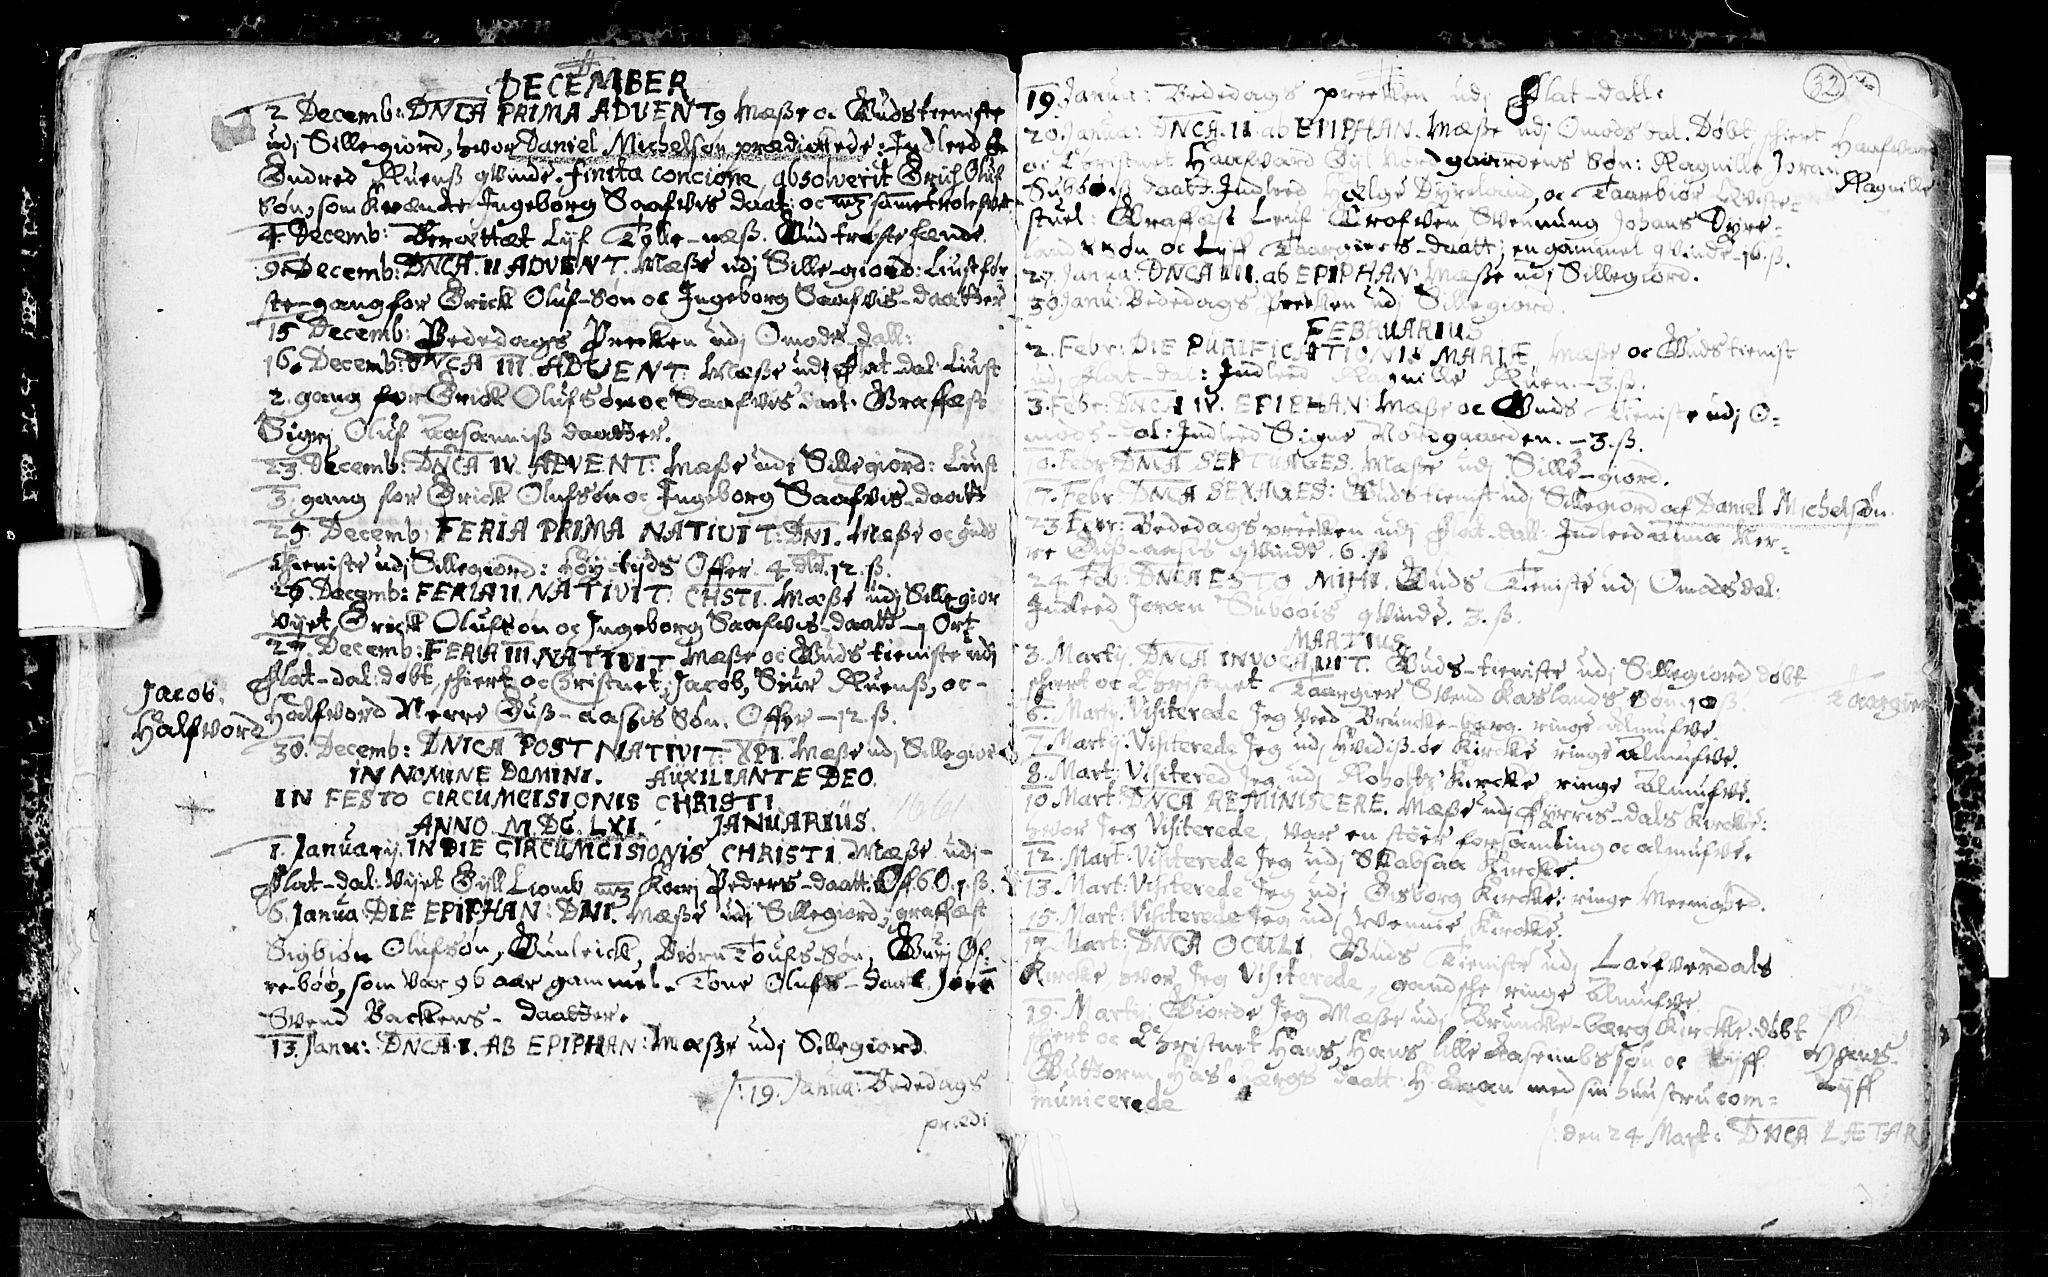 SAKO, Seljord kirkebøker, F/Fa/L0001: Ministerialbok nr. I 1, 1654-1686, s. 32